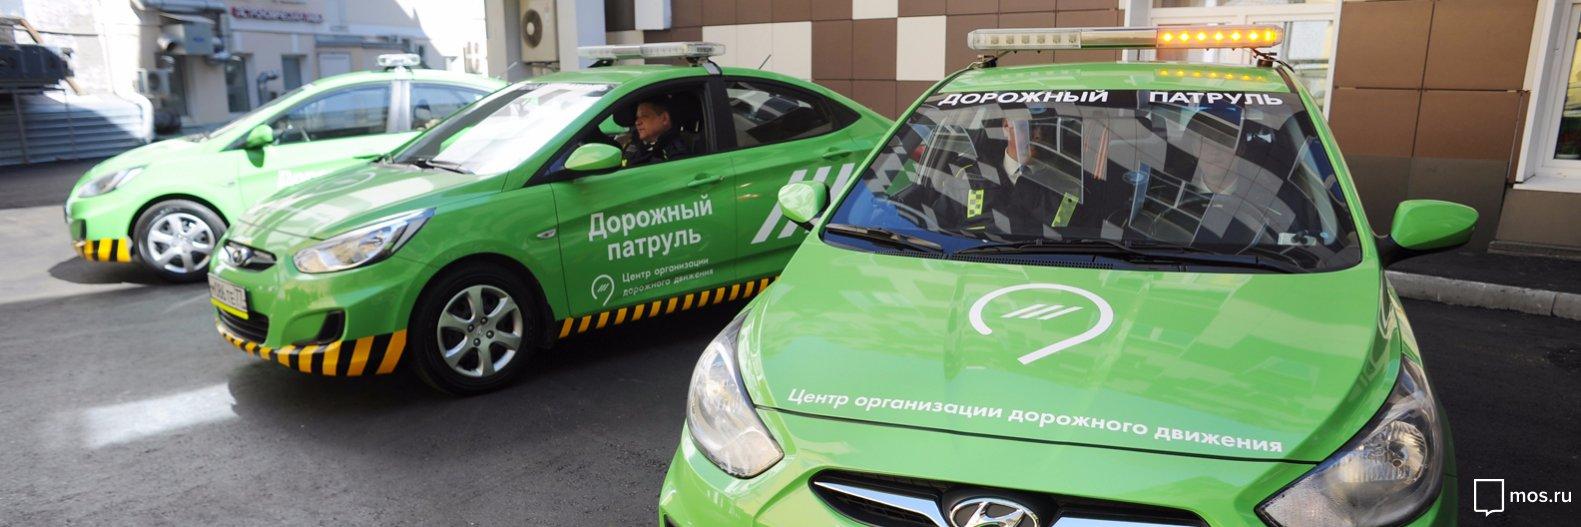 В Москве заработал круглосуточный дорожный патруль. Официальный сайт Мэра Москвы